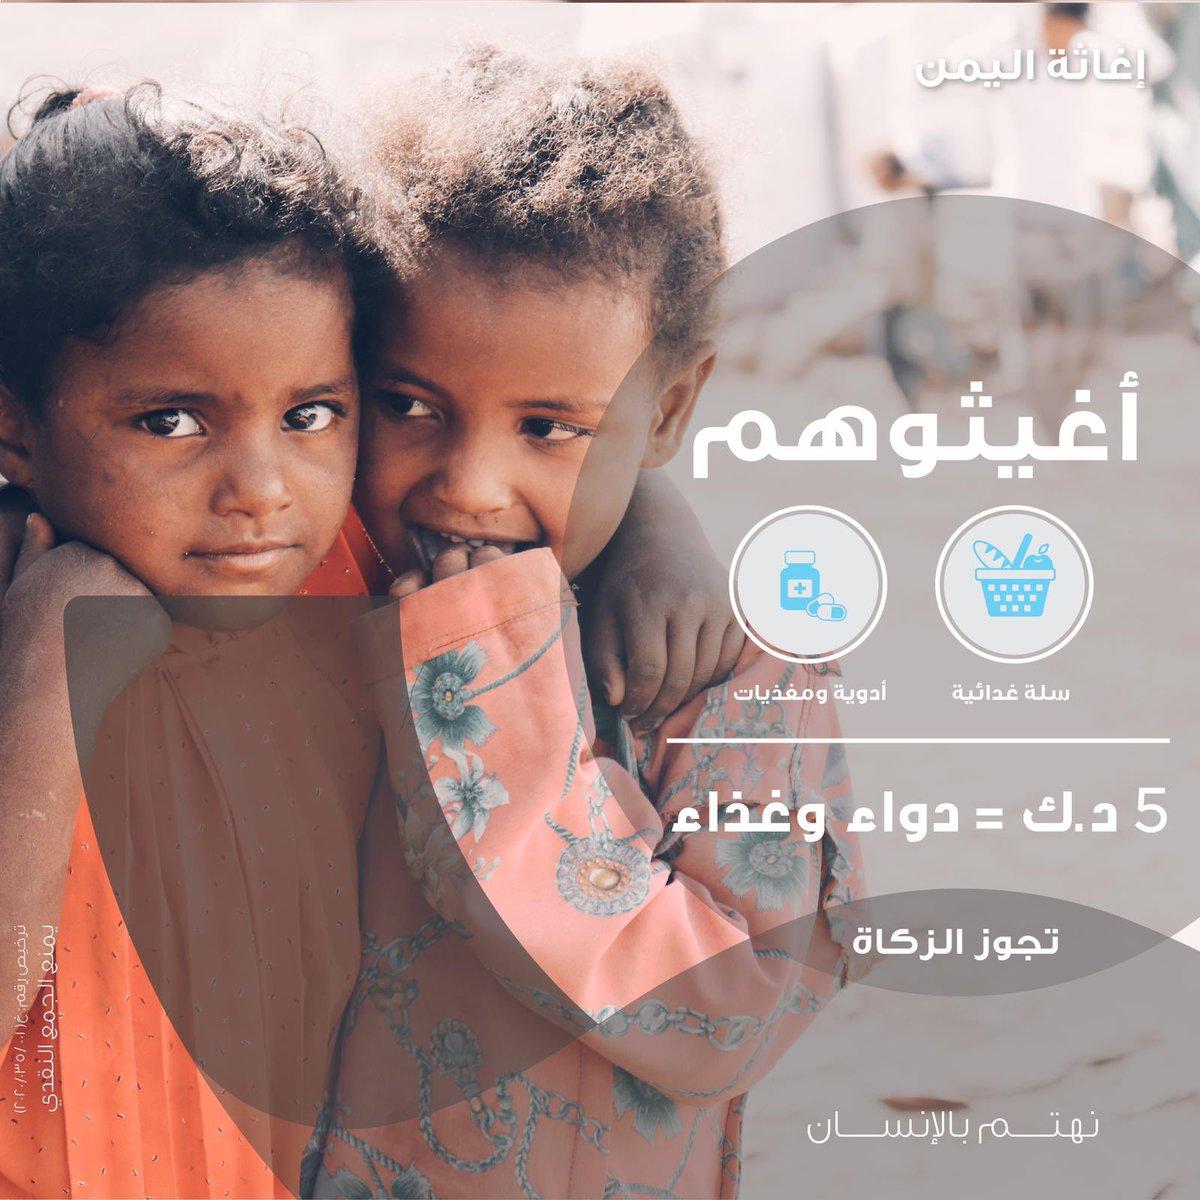 مقابل كل 5 دنانير هناك مستفيد من الغذاء والدواء لأطفال اليمن .. ويجوز دفعها من الزكاة